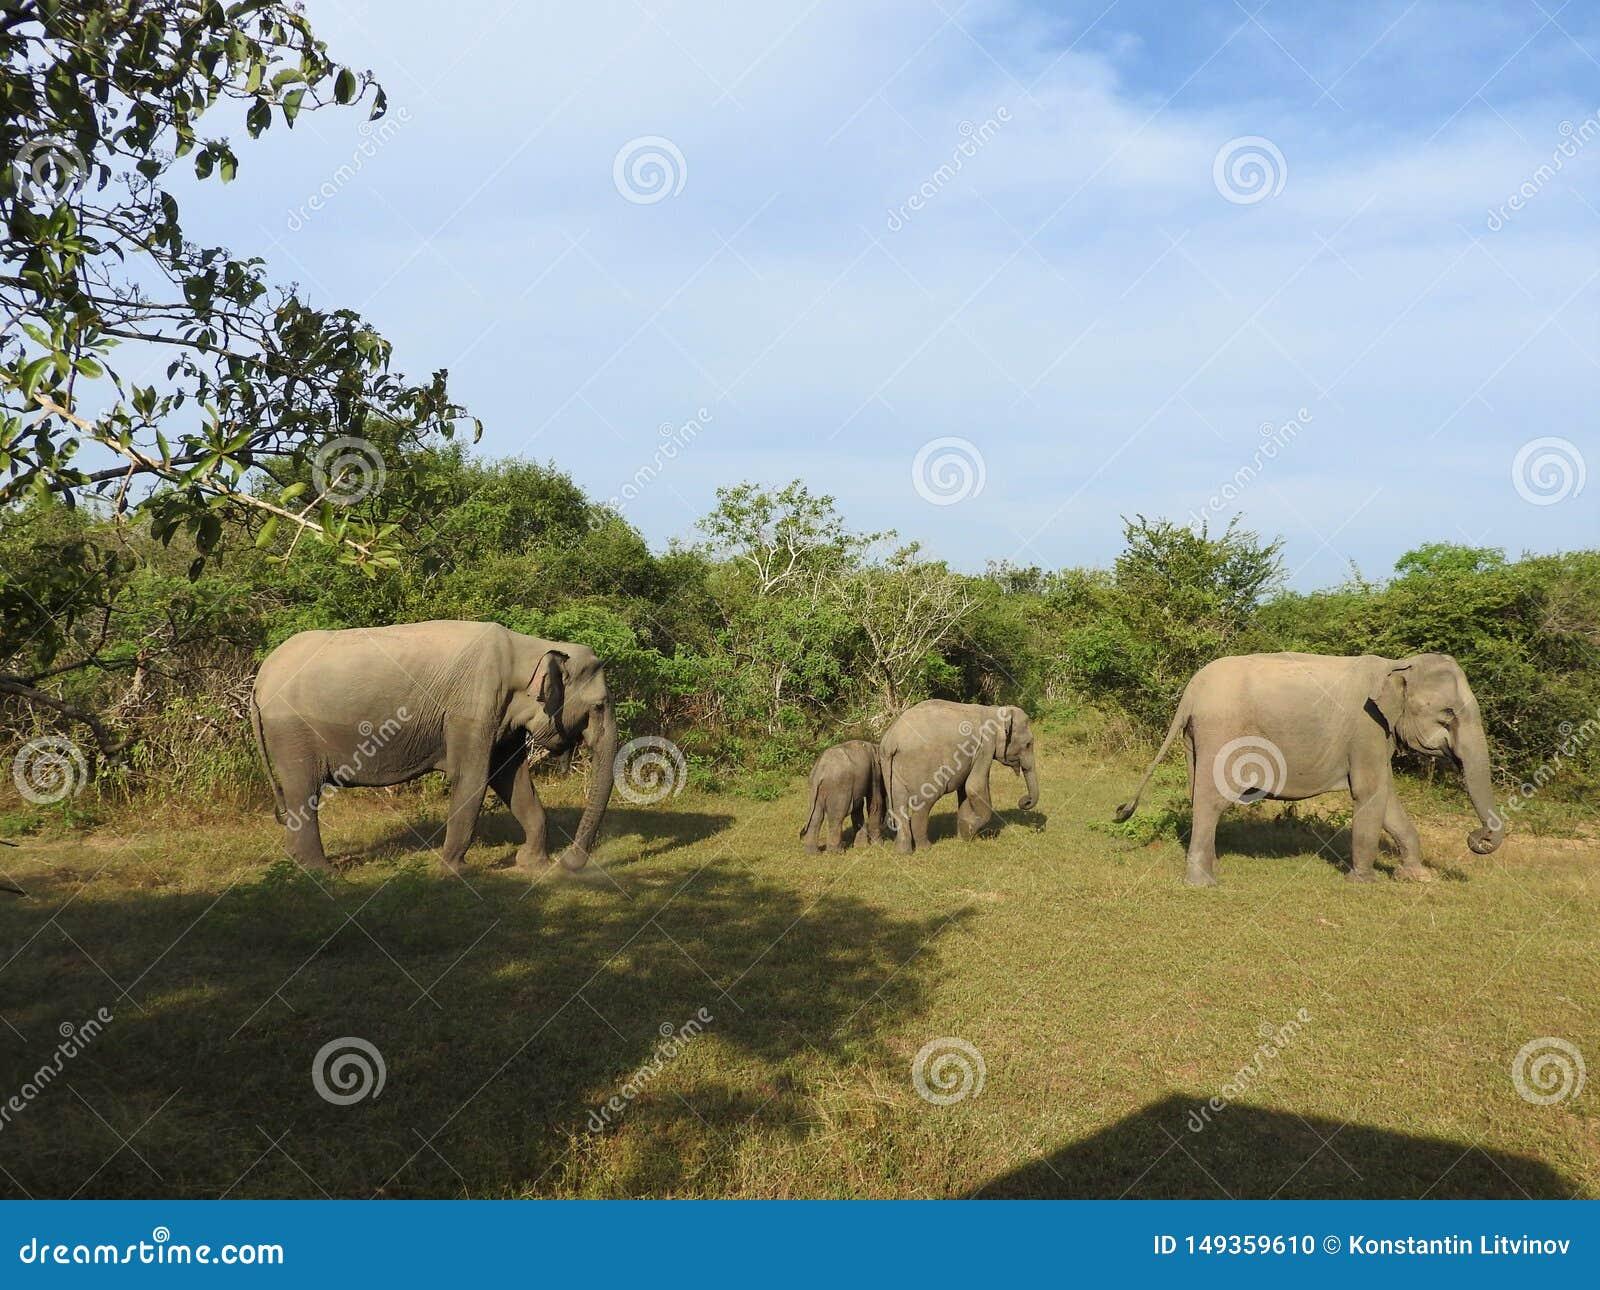 Elefanten in Sri Lanka Zwei junge asiatische Elefanten im Nationalpark, Sri Lanka Asiatische Elefanten auf Gras mit Bergen und